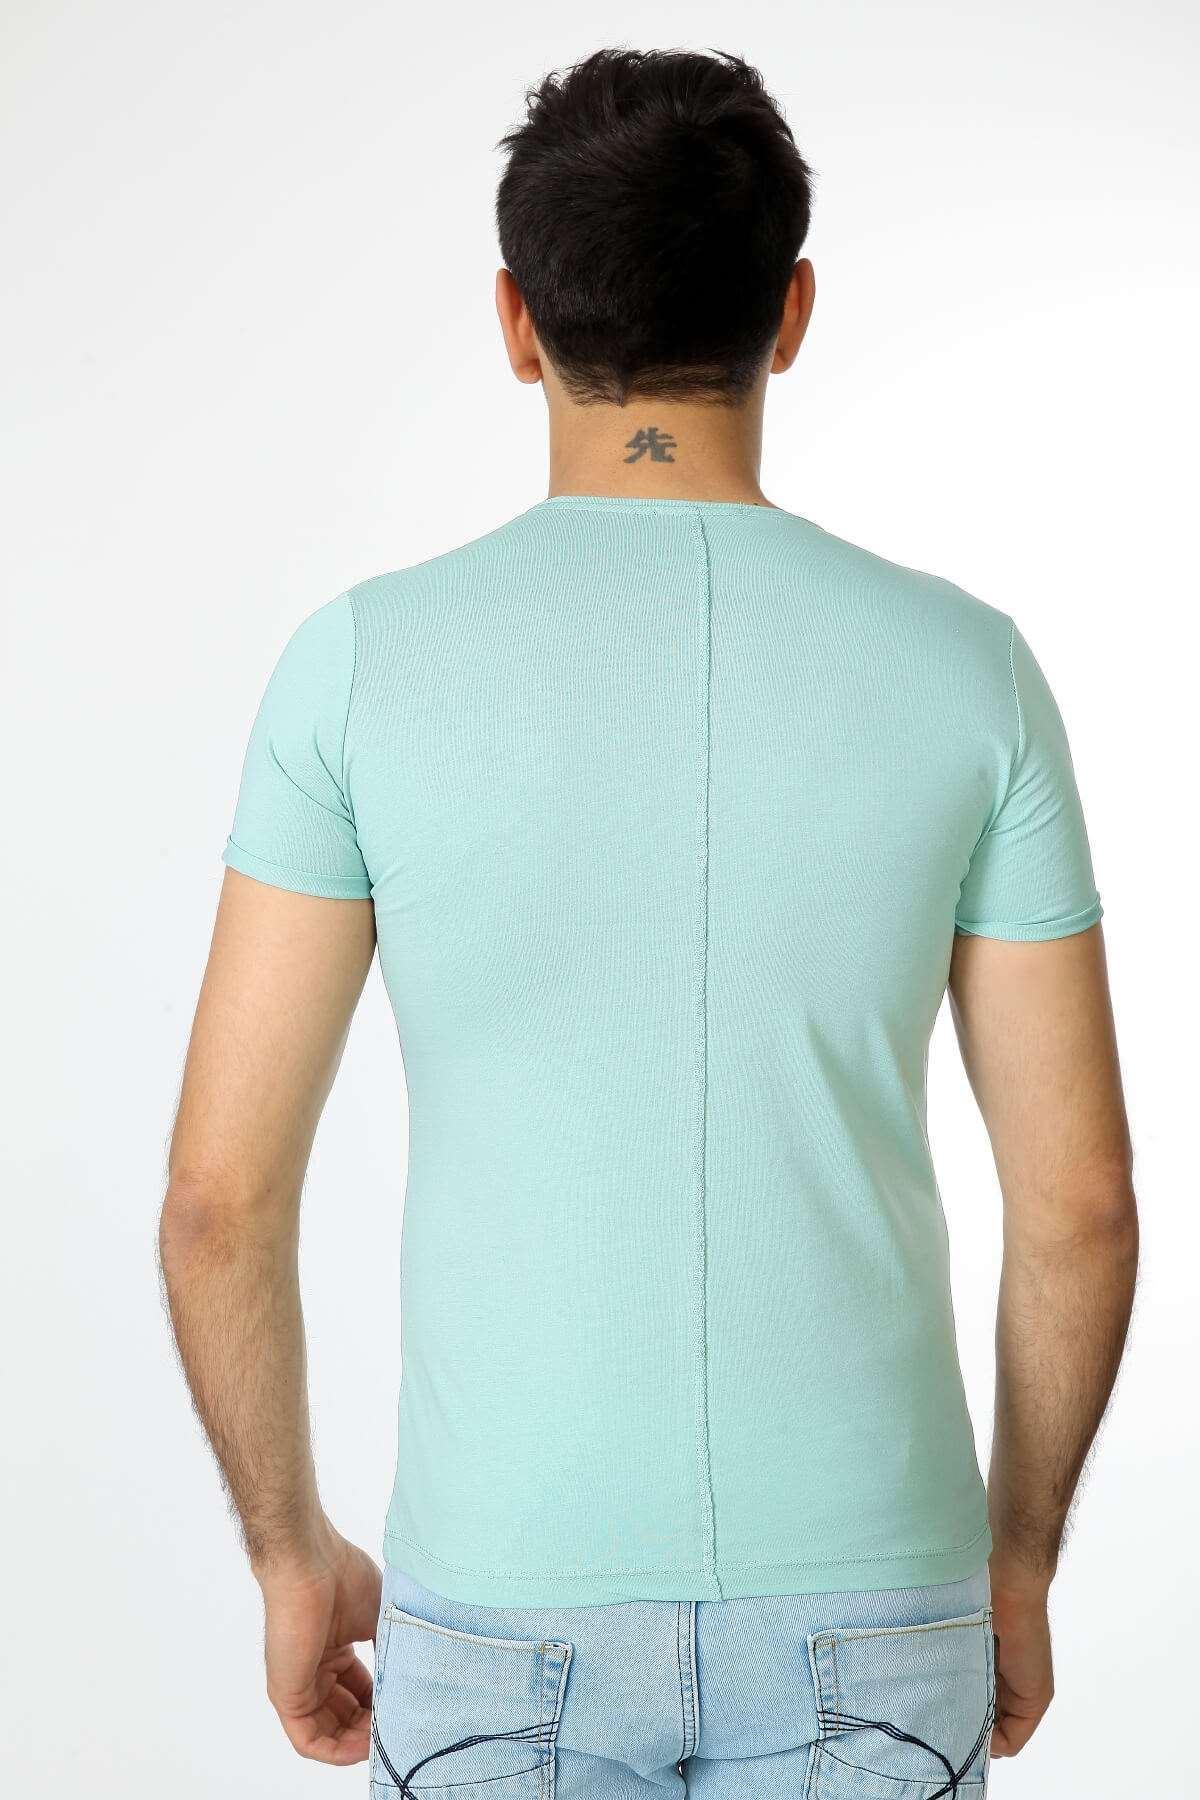 Baskılı Bisiklet Yaka Tişört Mint